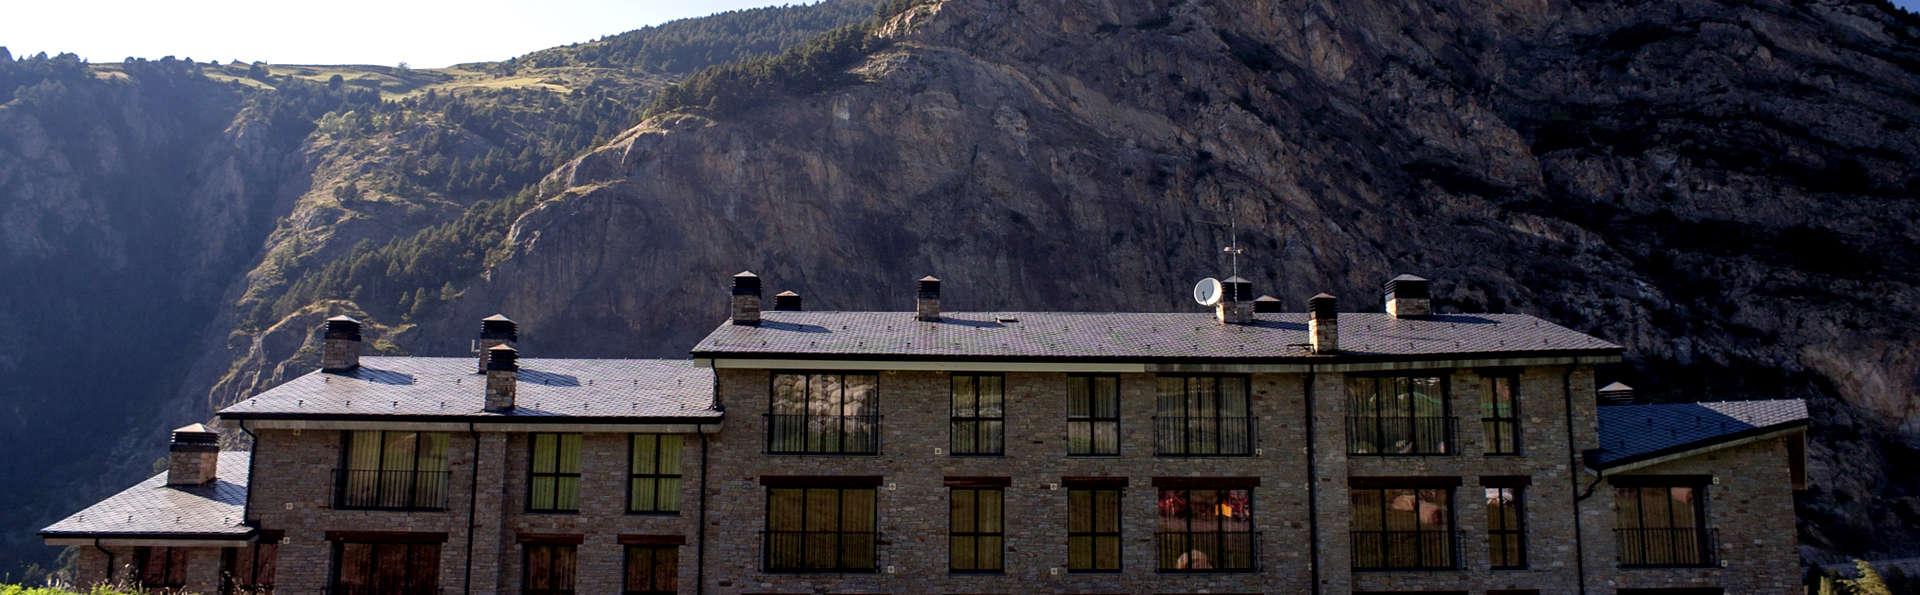 Oferta exclusiva: Escapada con vistas increíbles y spa incluido en Andorra (desde 2 noches)